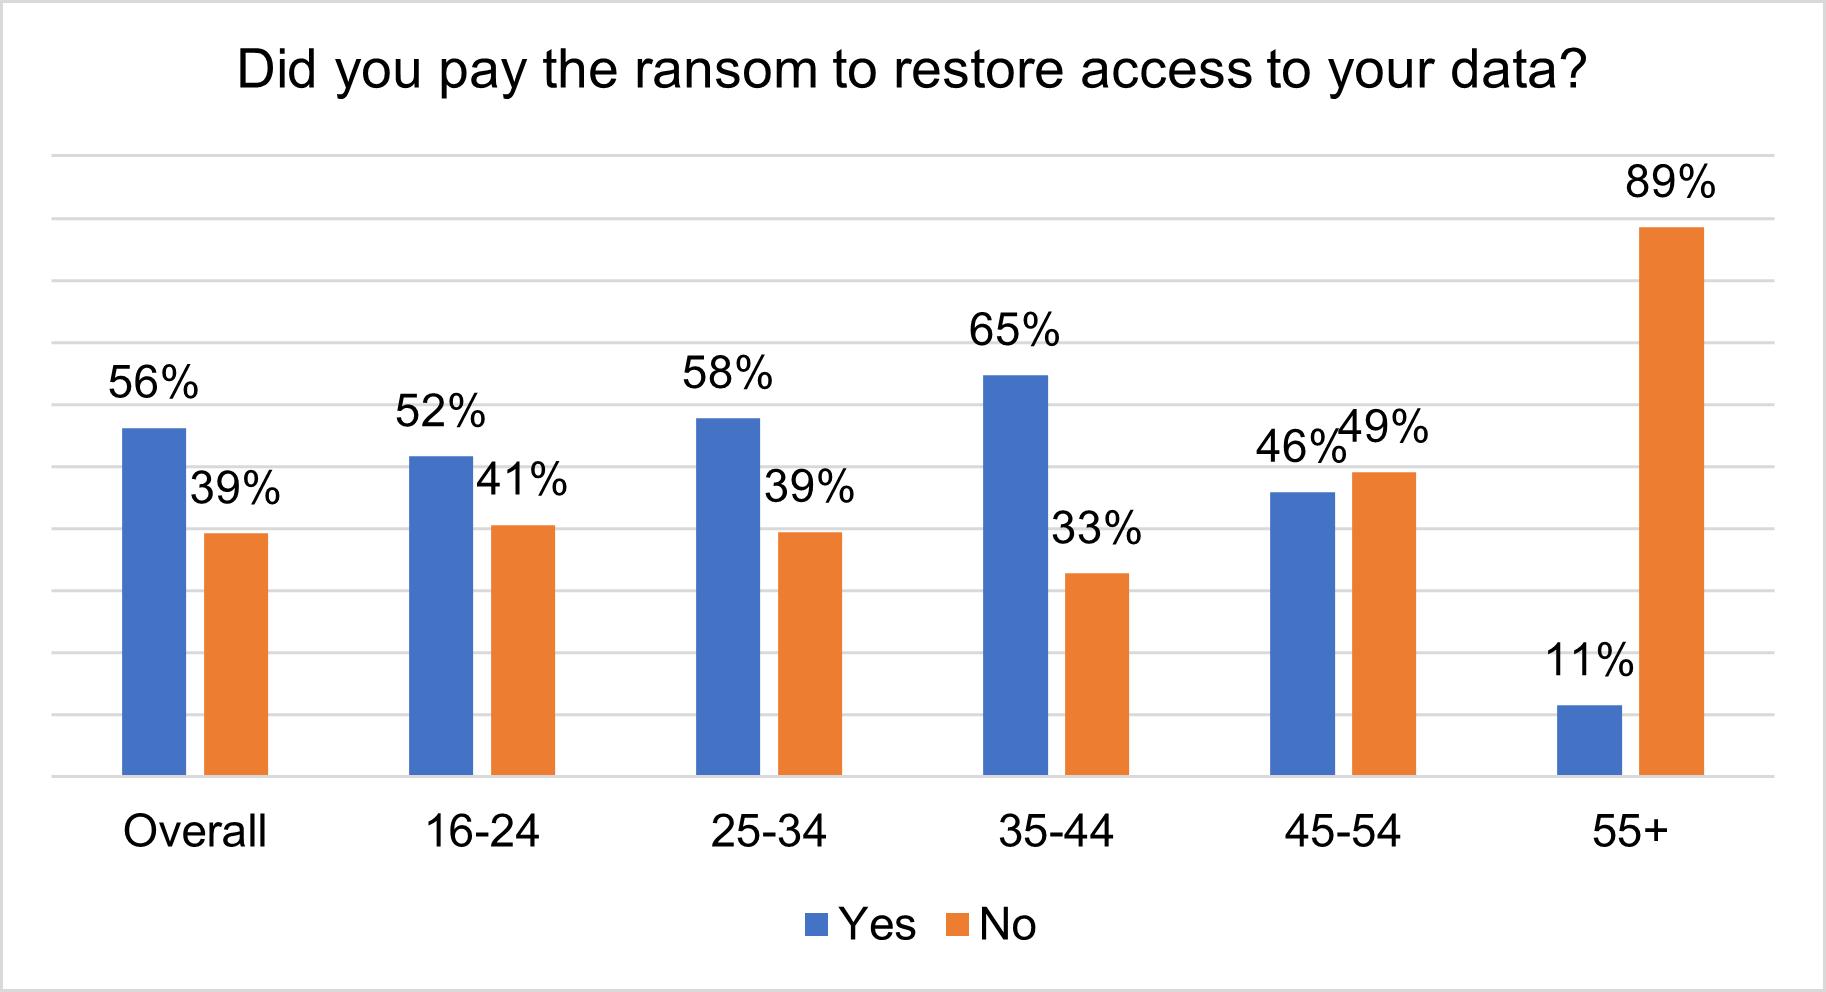 Plata răscumpărării datelor în rândul utilizatorilor care au experimentat un incident de ransomware, în funcție de vârstă